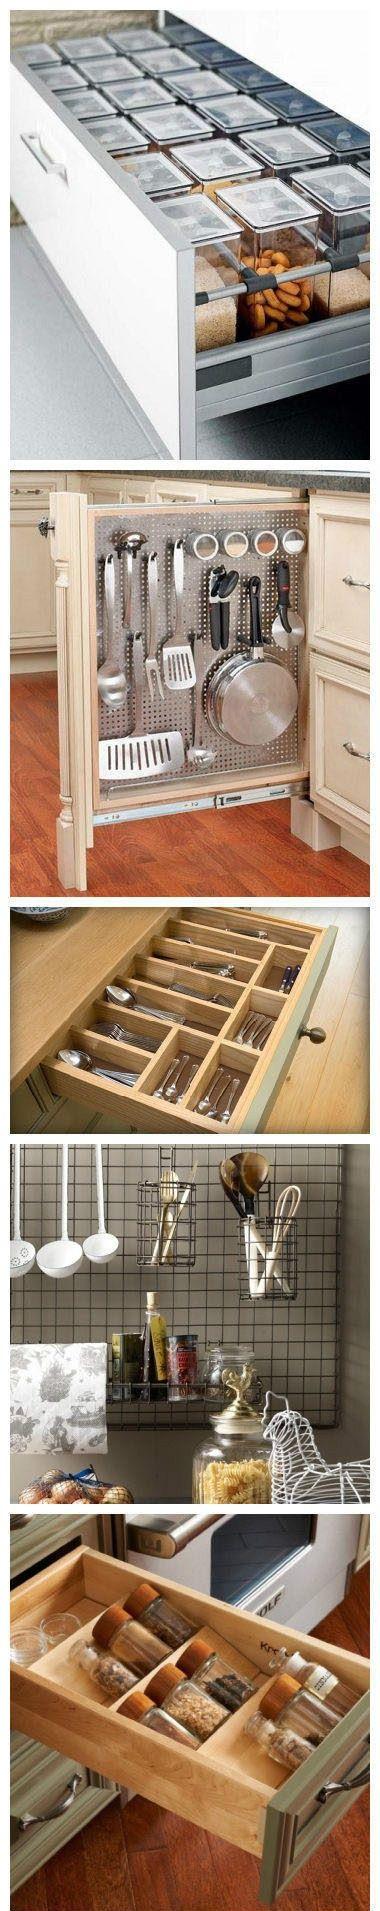 Ideas de orden y almacenaje para tu cocina | Organización ...